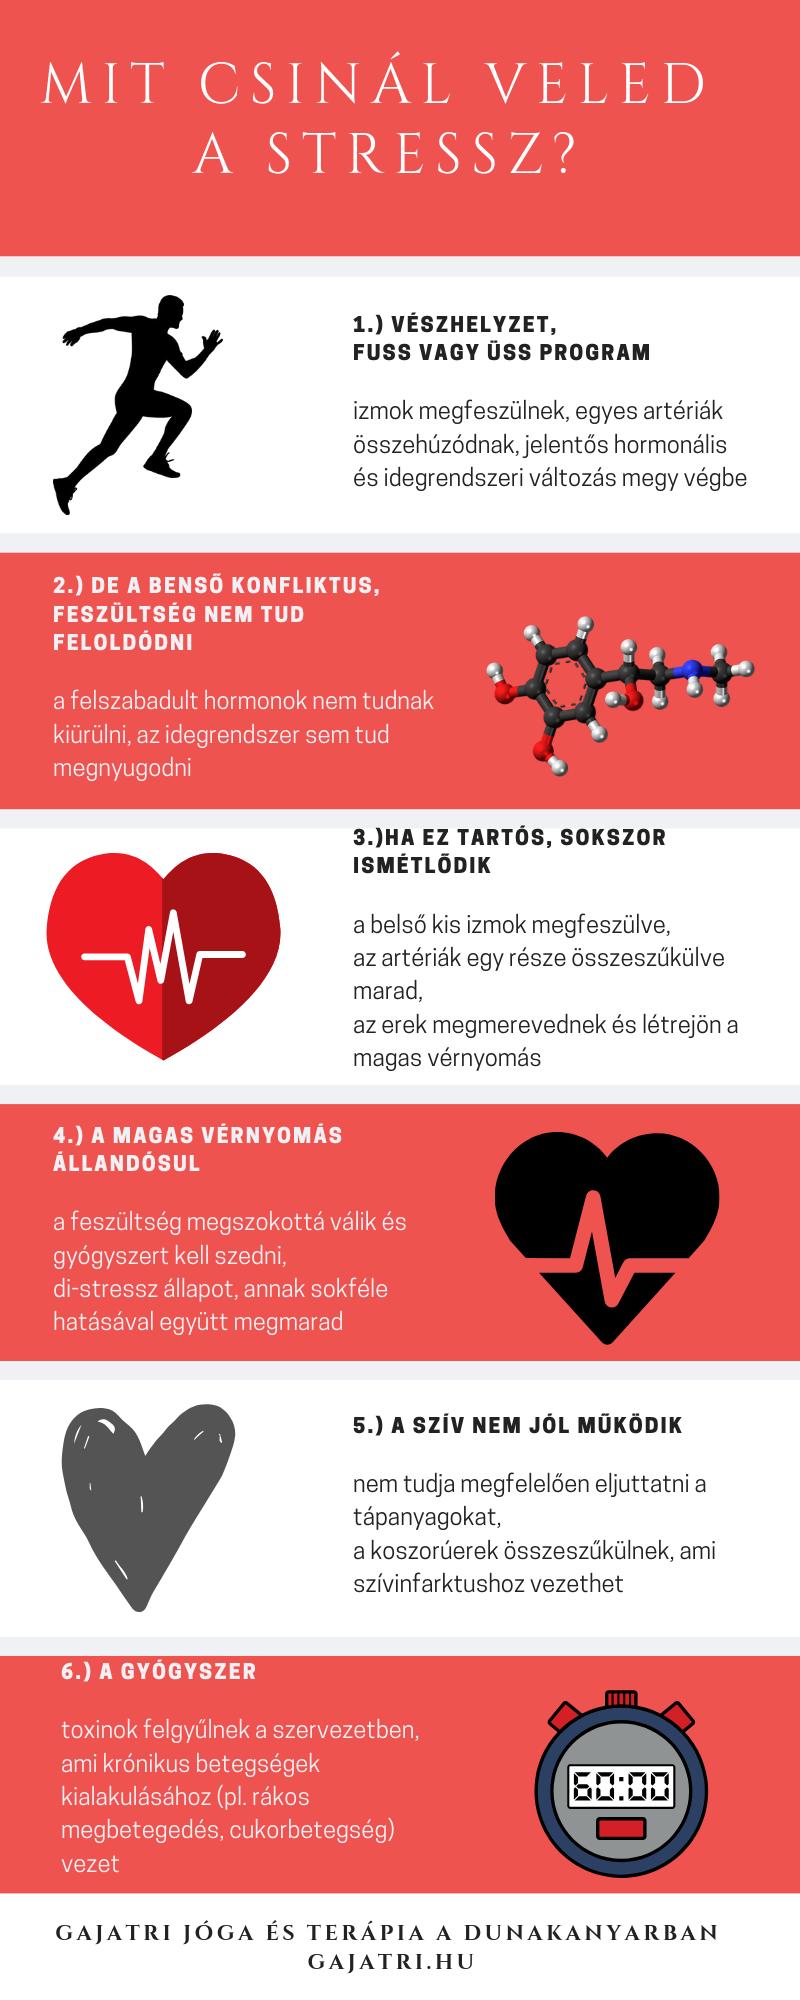 Terhesség: folsavval megelőzhető a gyermekkori magas vérnyomás